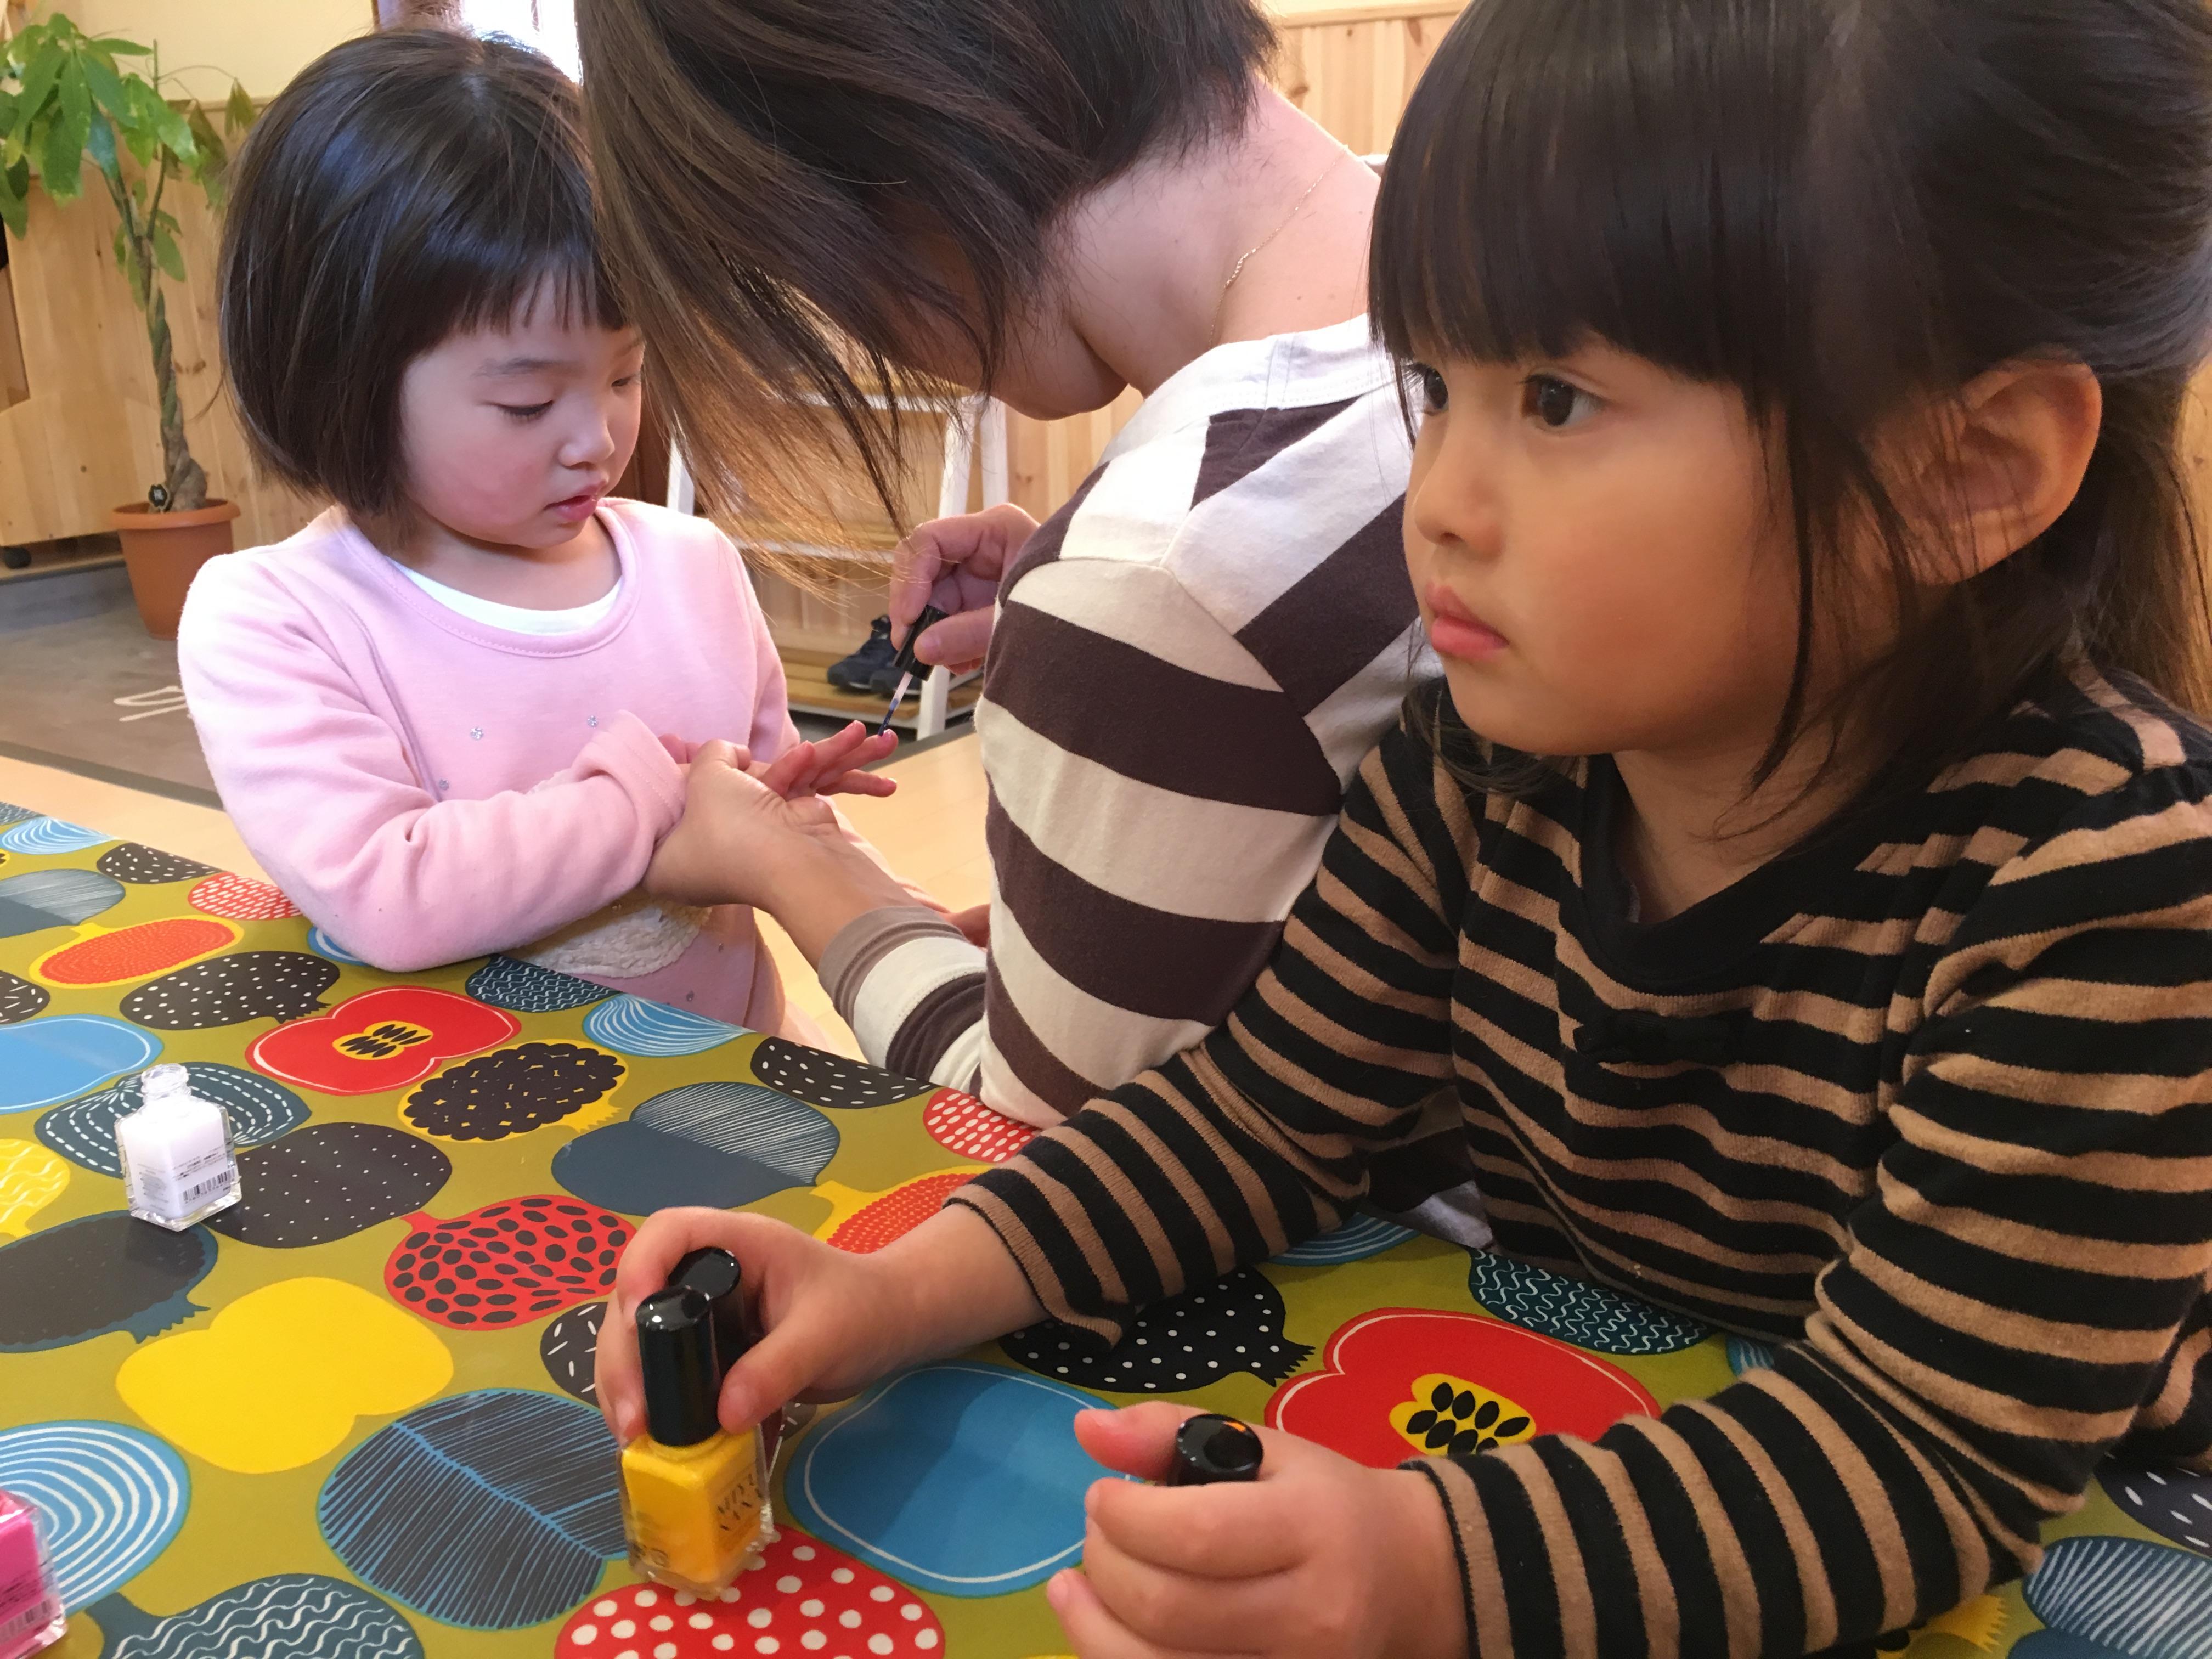 神戸市灘区の一時保育 灘区のママのご利用方法は?